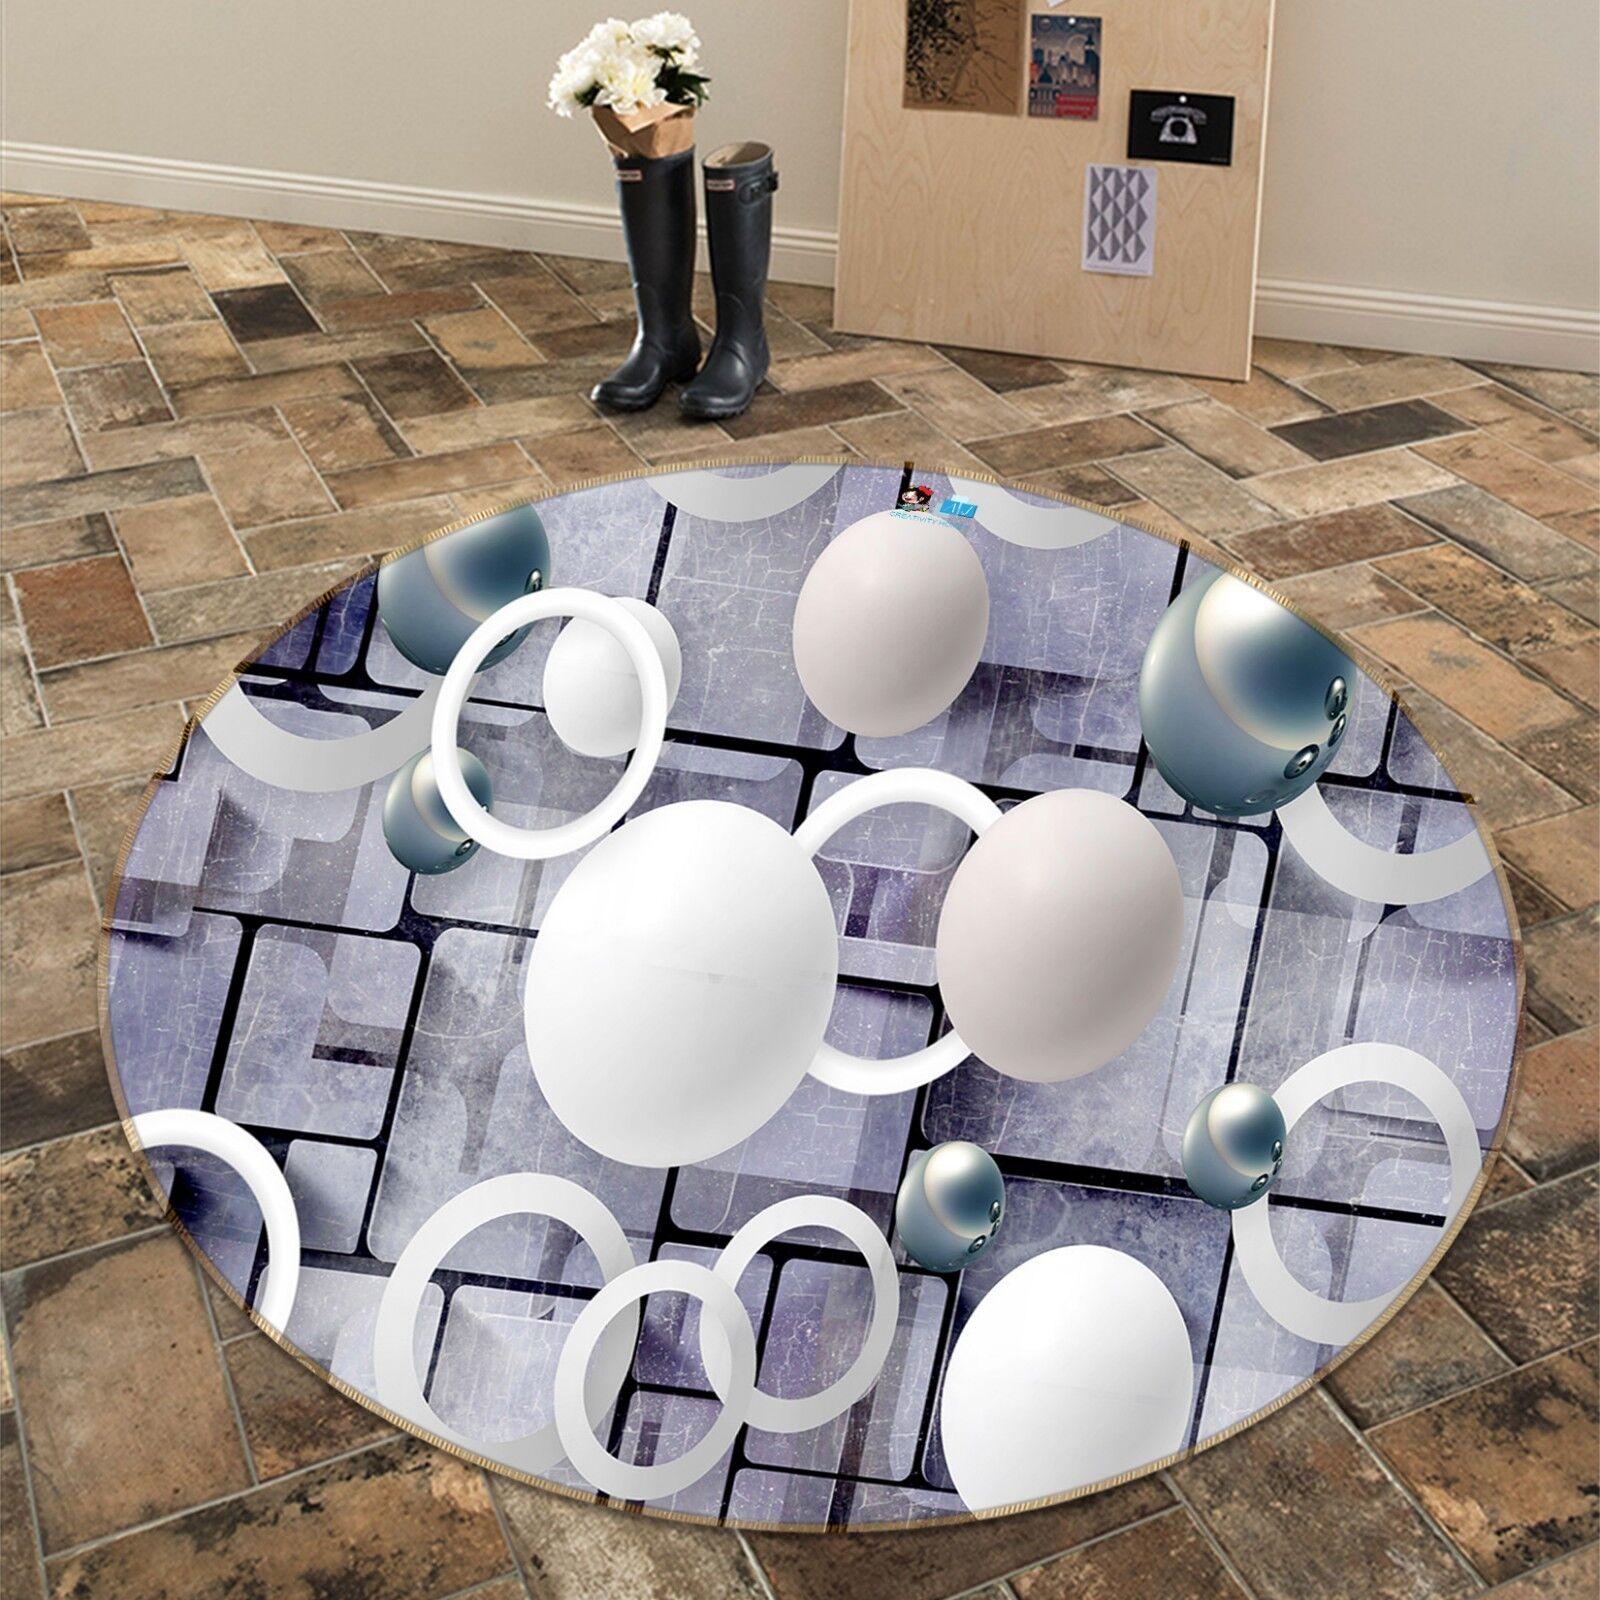 3D Cubo Bolas Anillo 9 Alfombra Antideslizante Alfombra de Sala rojoondo Calidad Elegante Foto Alfombra